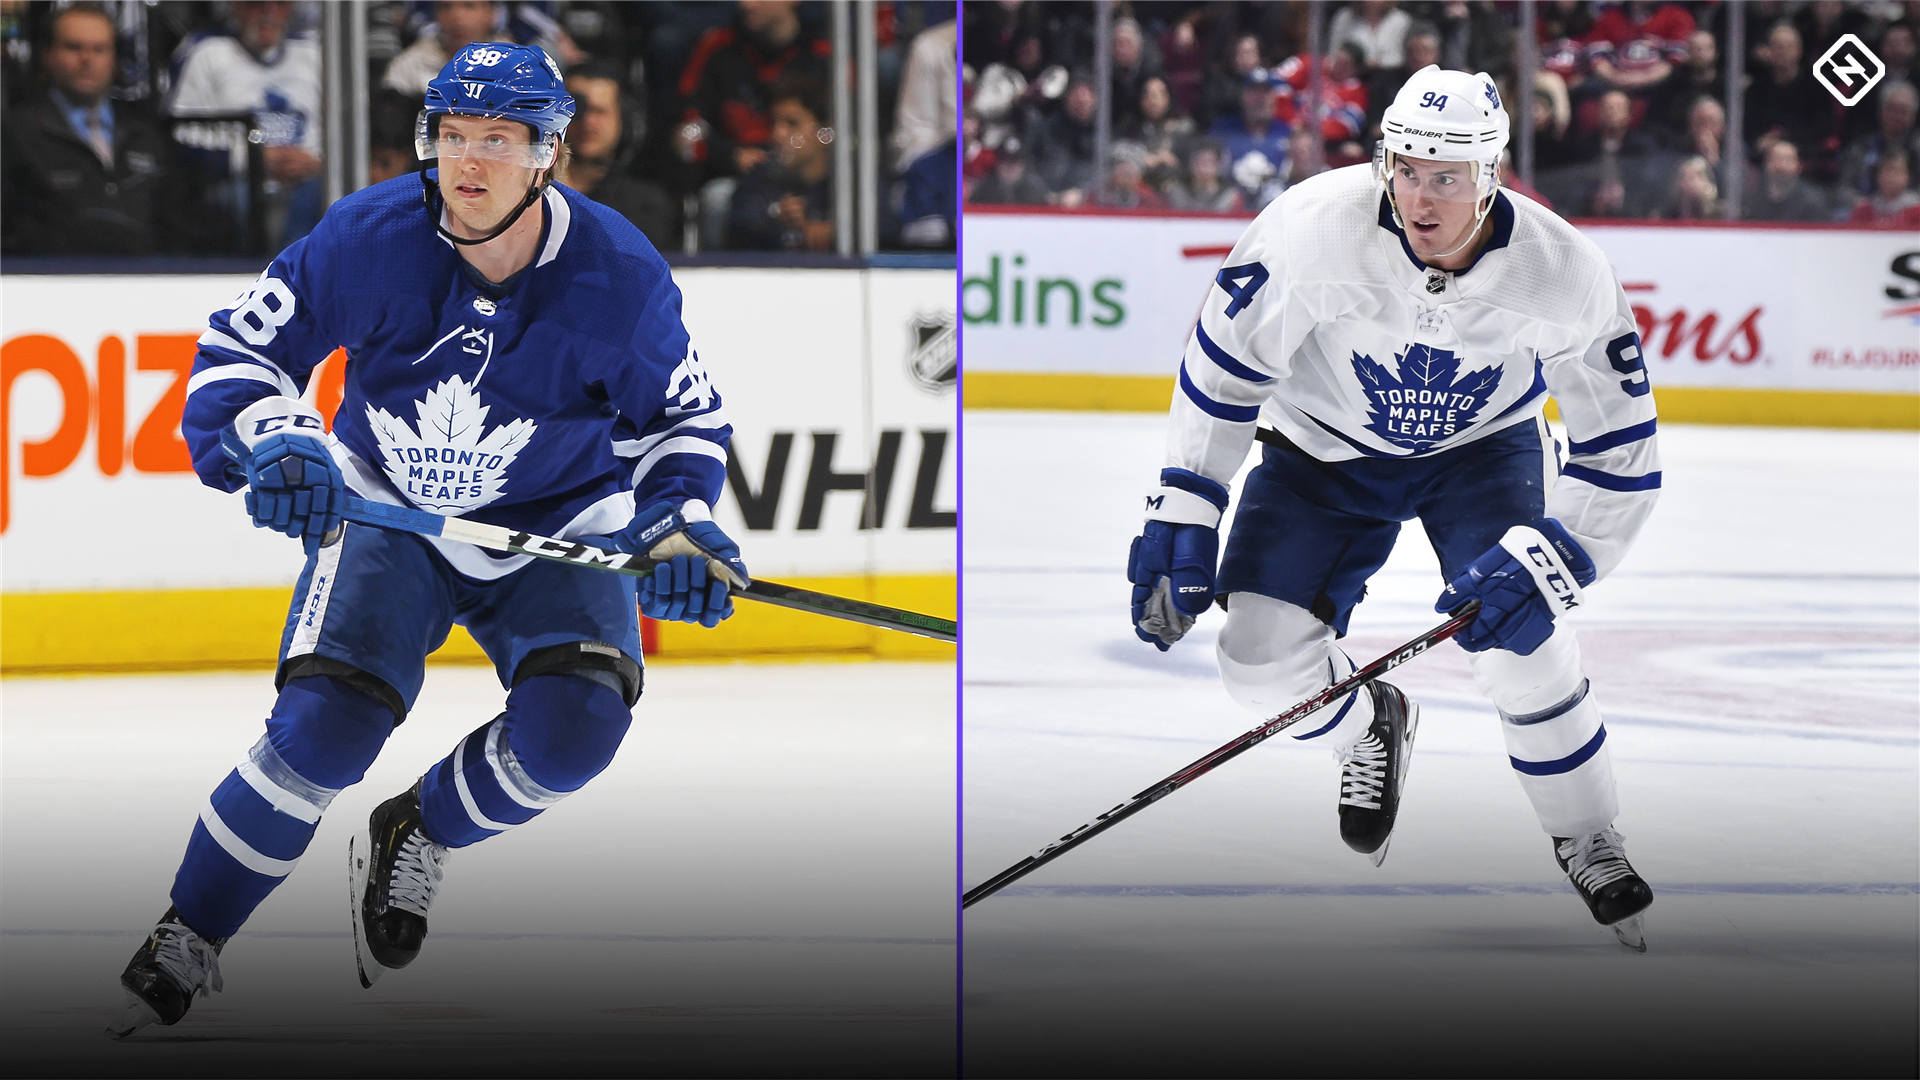 Con lesiones cada vez mayores, Maple Leafs confía en los jóvenes defensores durante el playoff 1